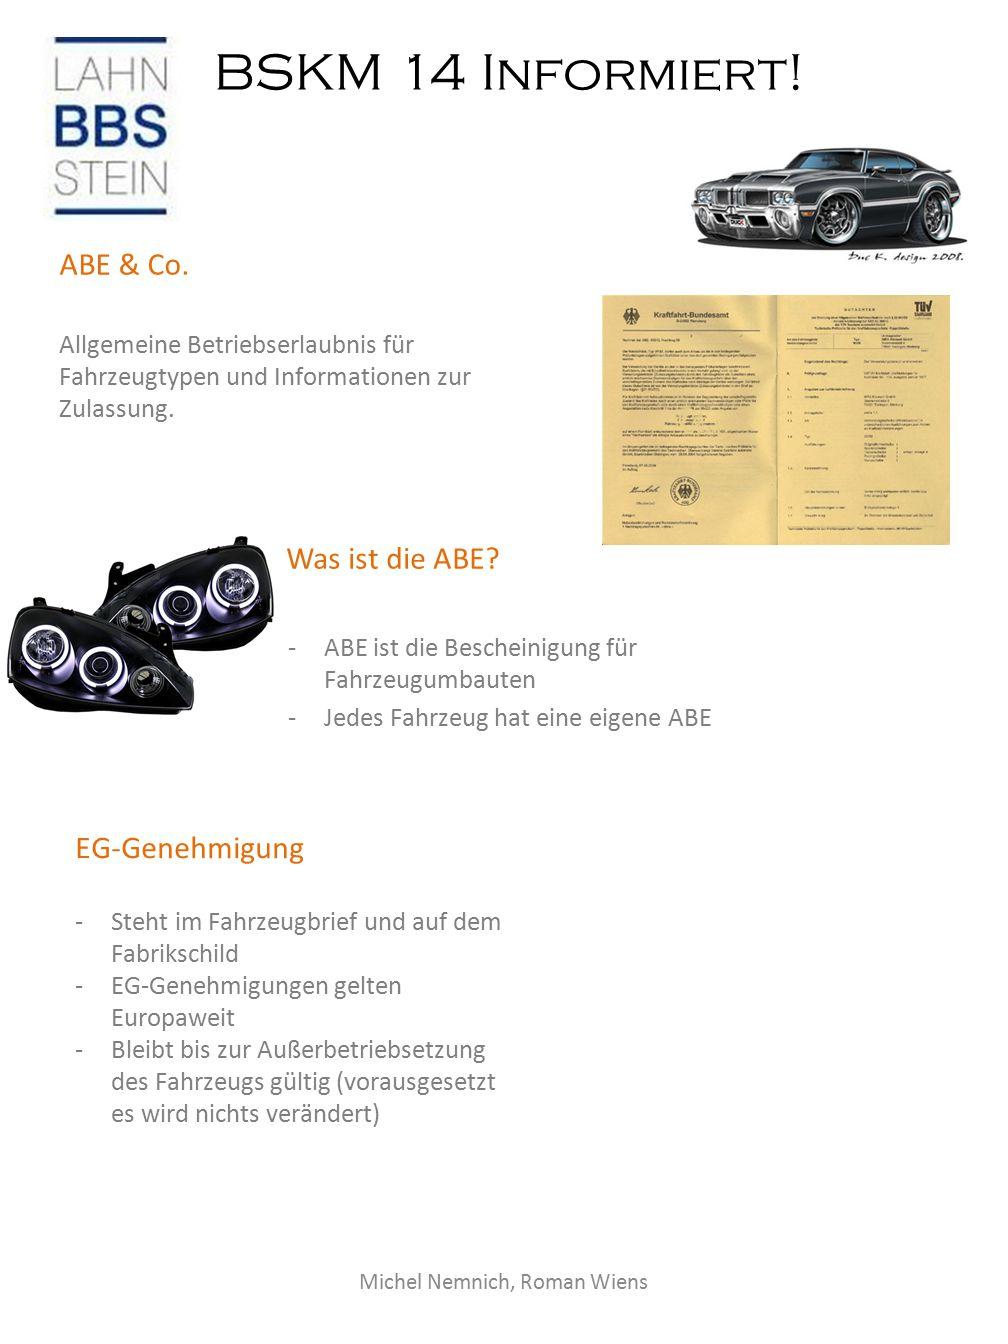 BSKM 14 Informiert.Bremsflüssigkeit ABE & Co.